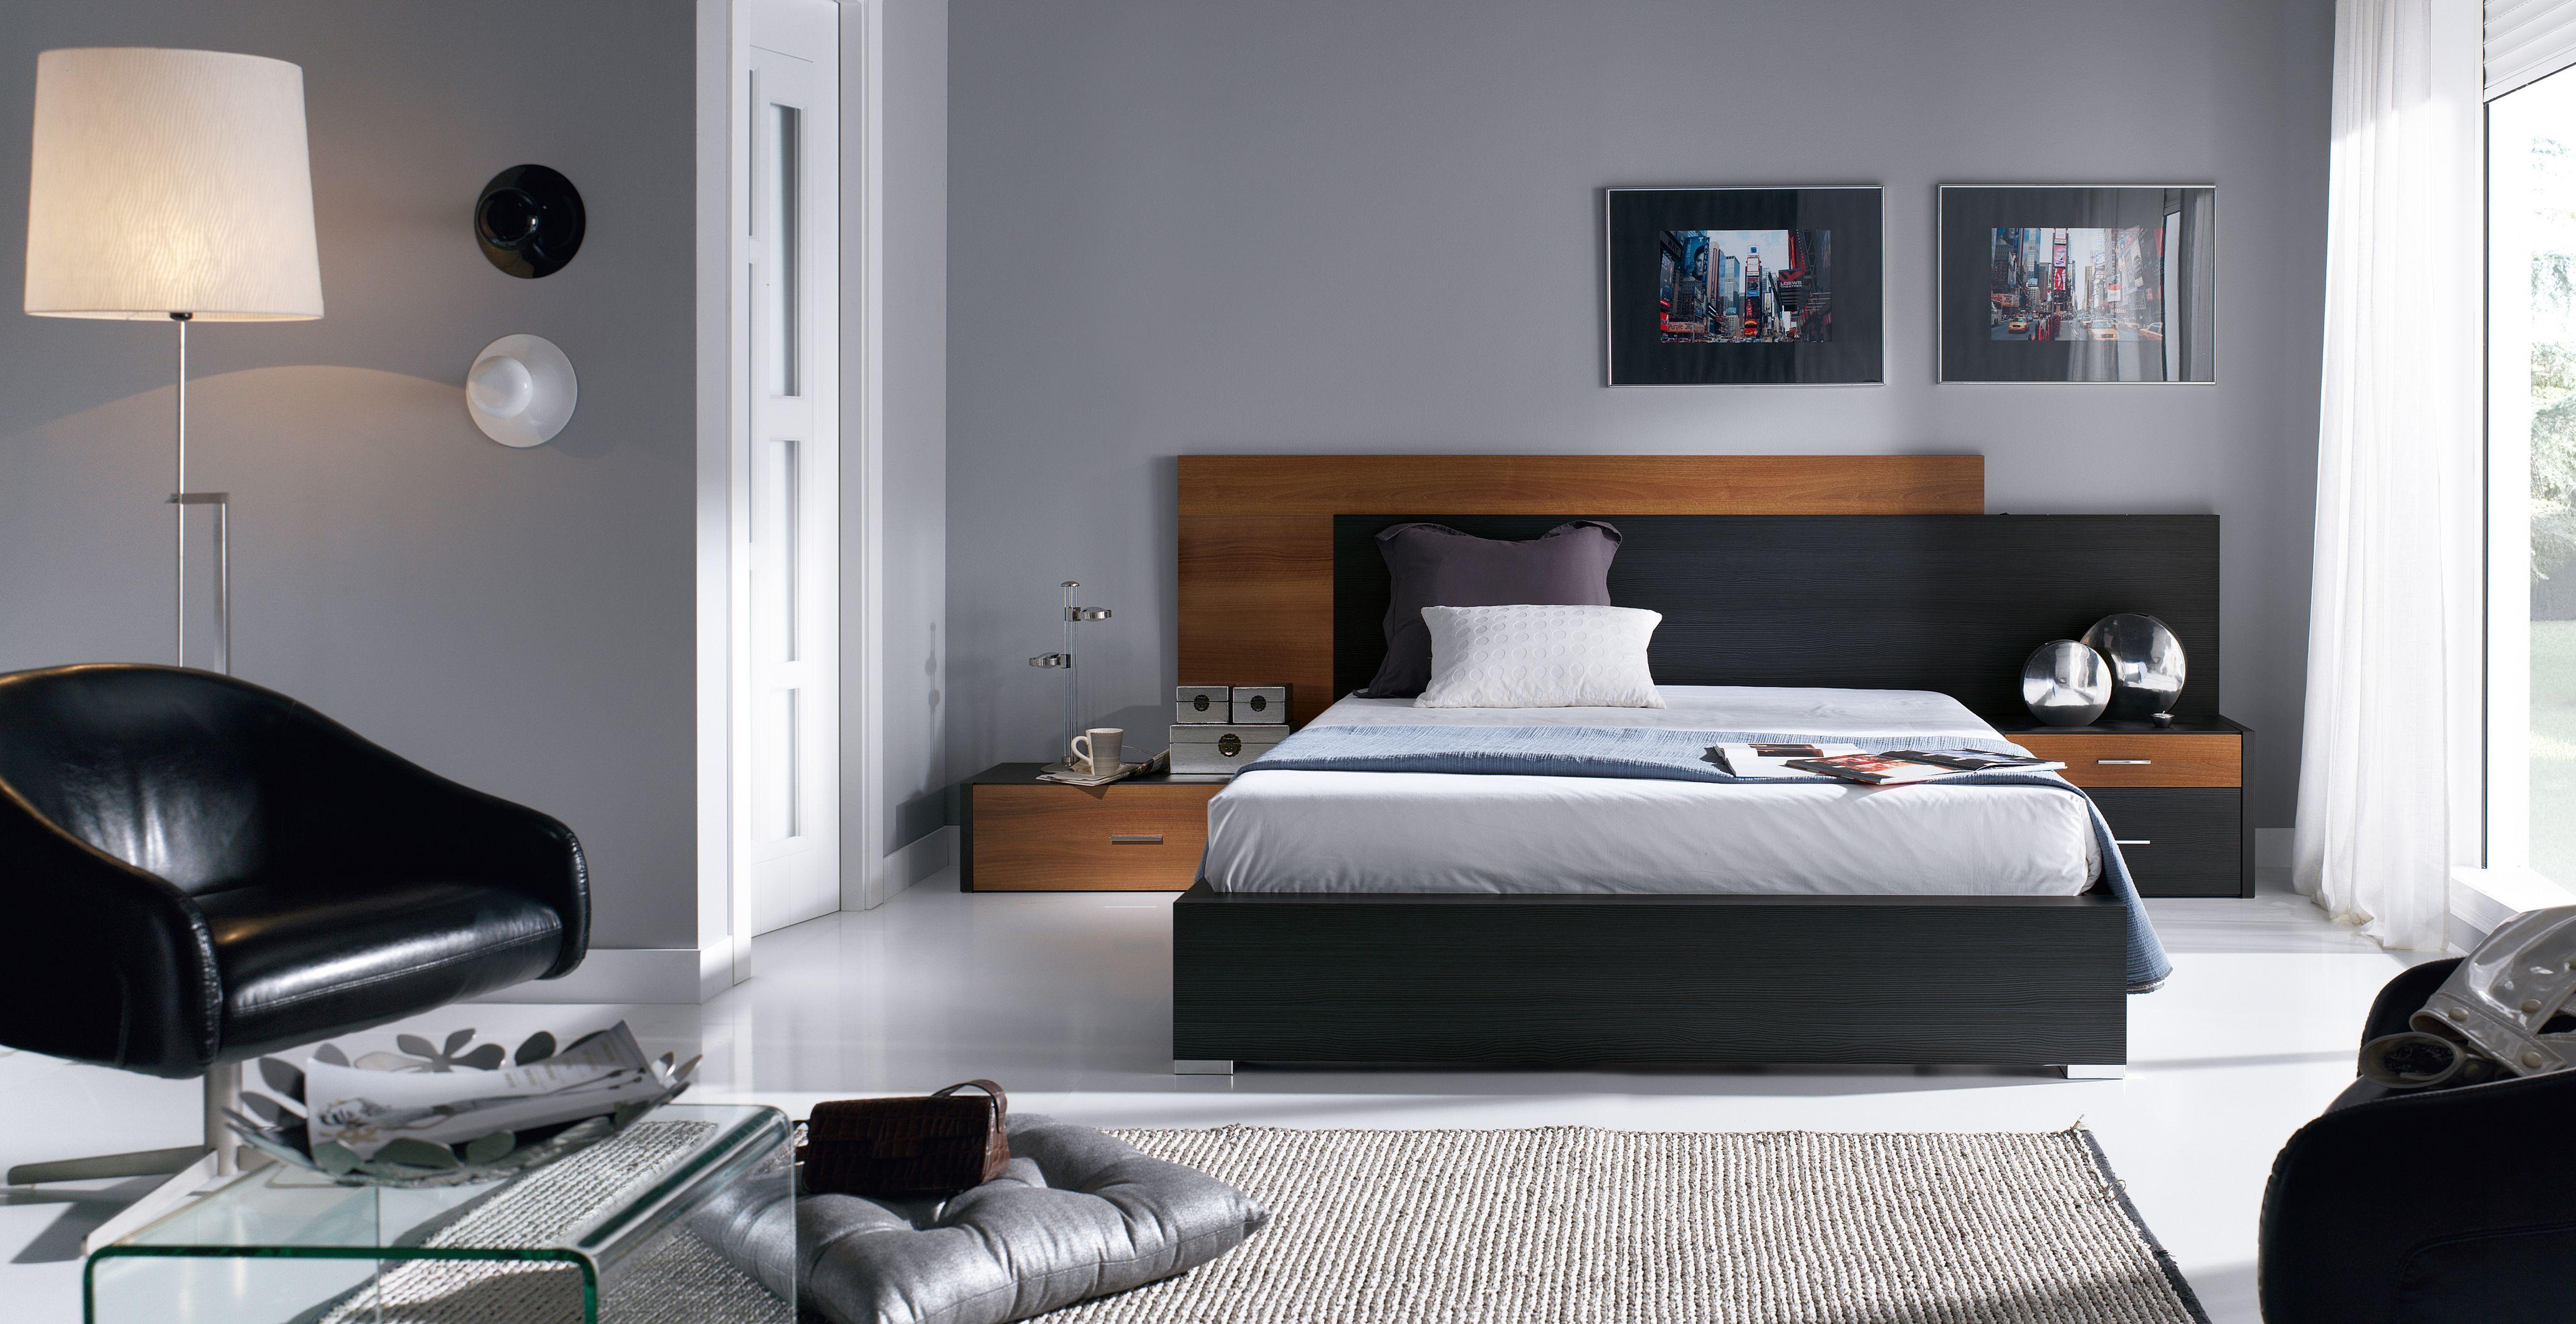 Cabezal de matrimonio modelo aura dormitorios de - Modelos de dormitorios ...